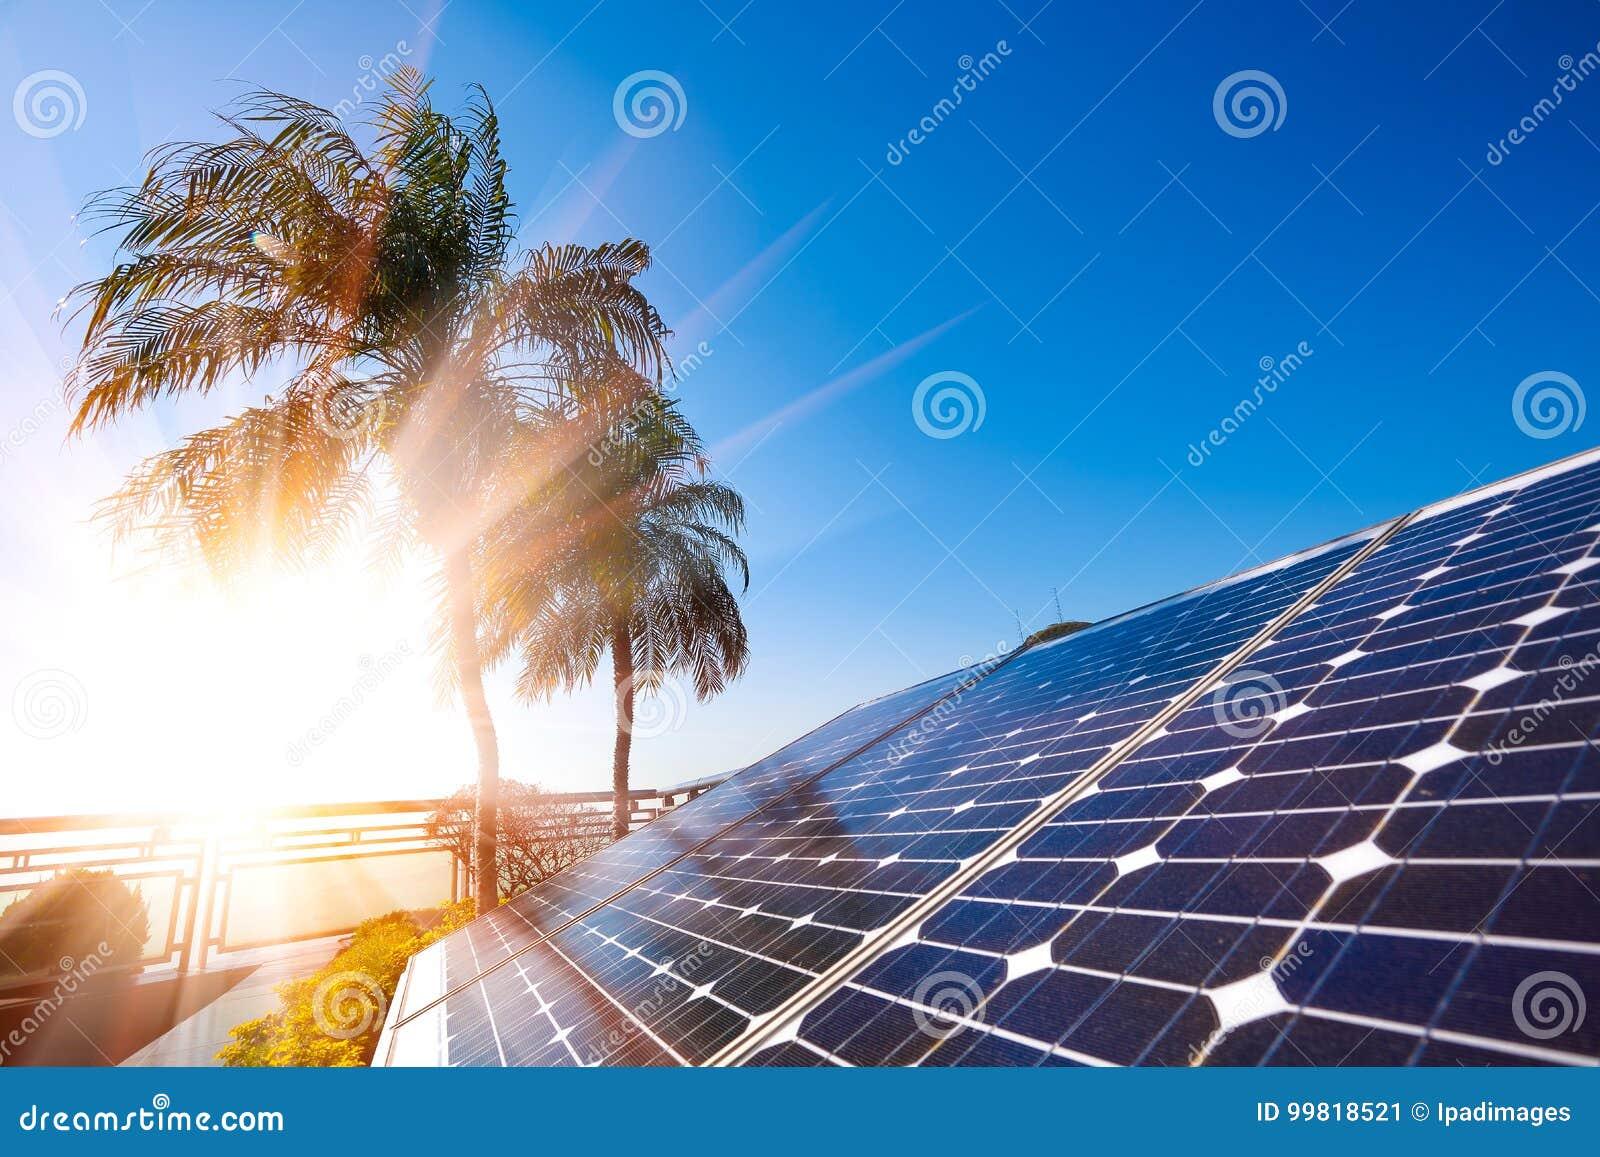 Groupe électrogène à énergie solaire pour le développement durable